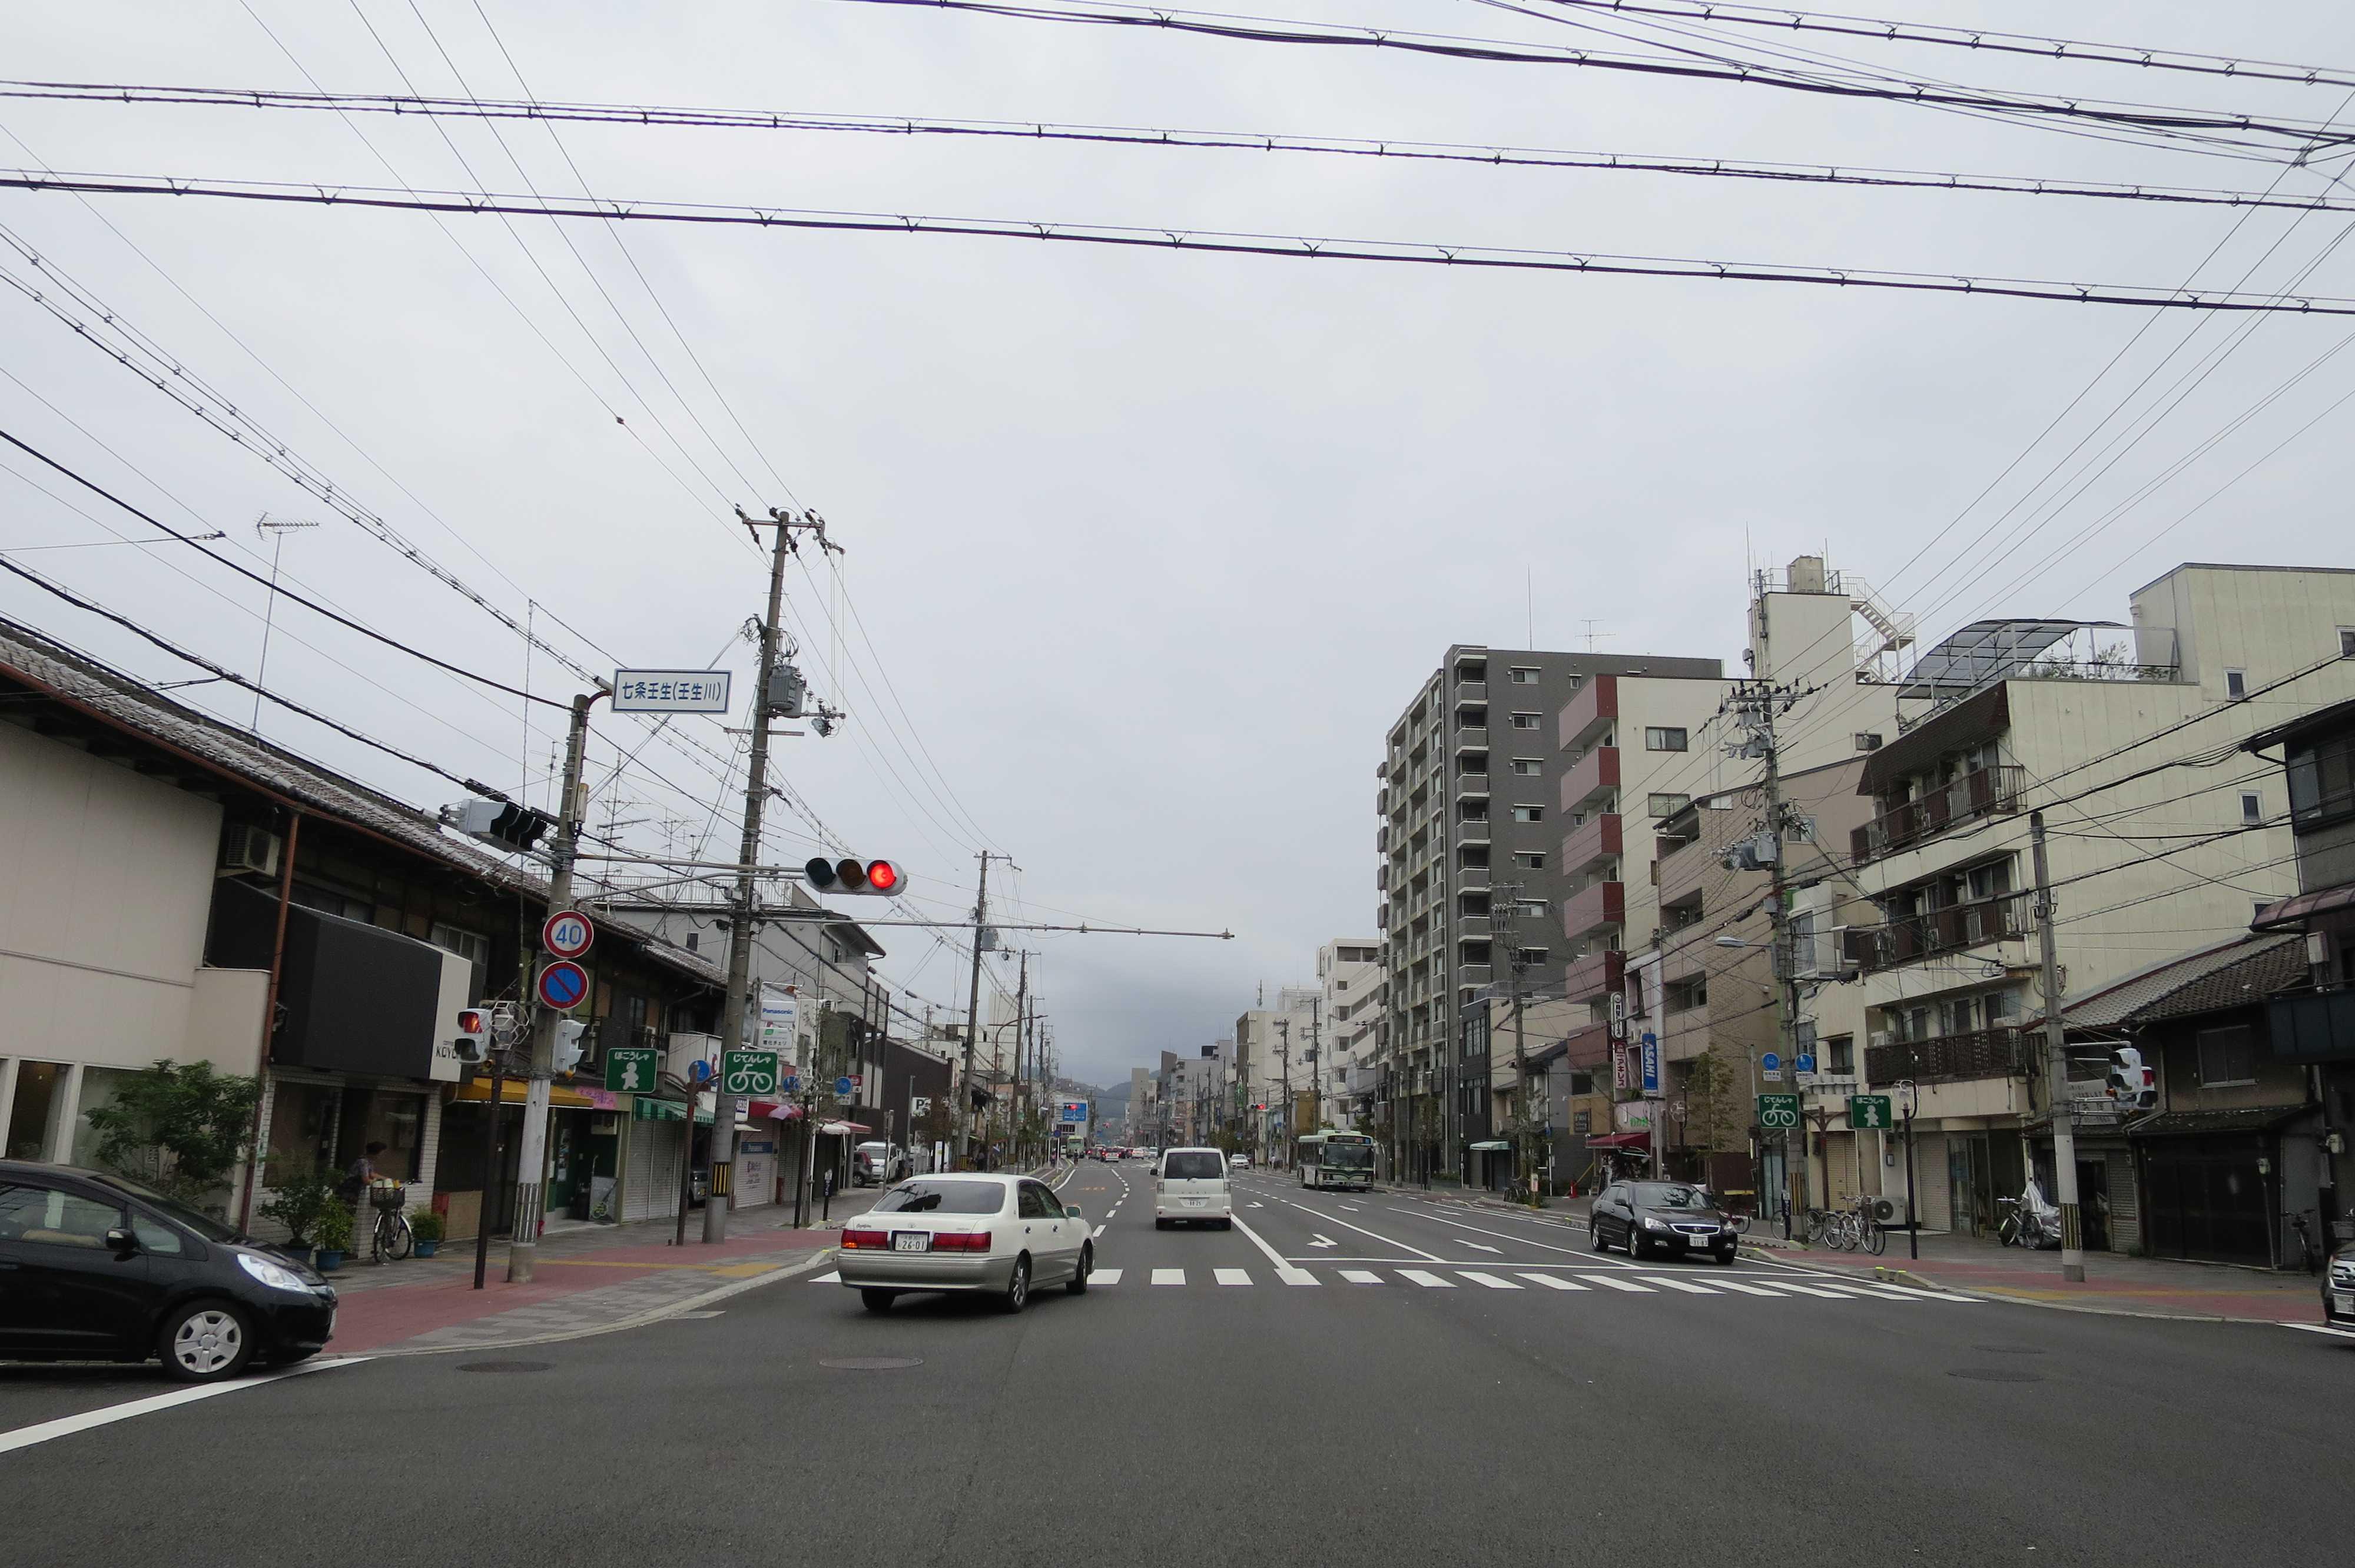 京都 - 七条壬生(壬生川)交差点